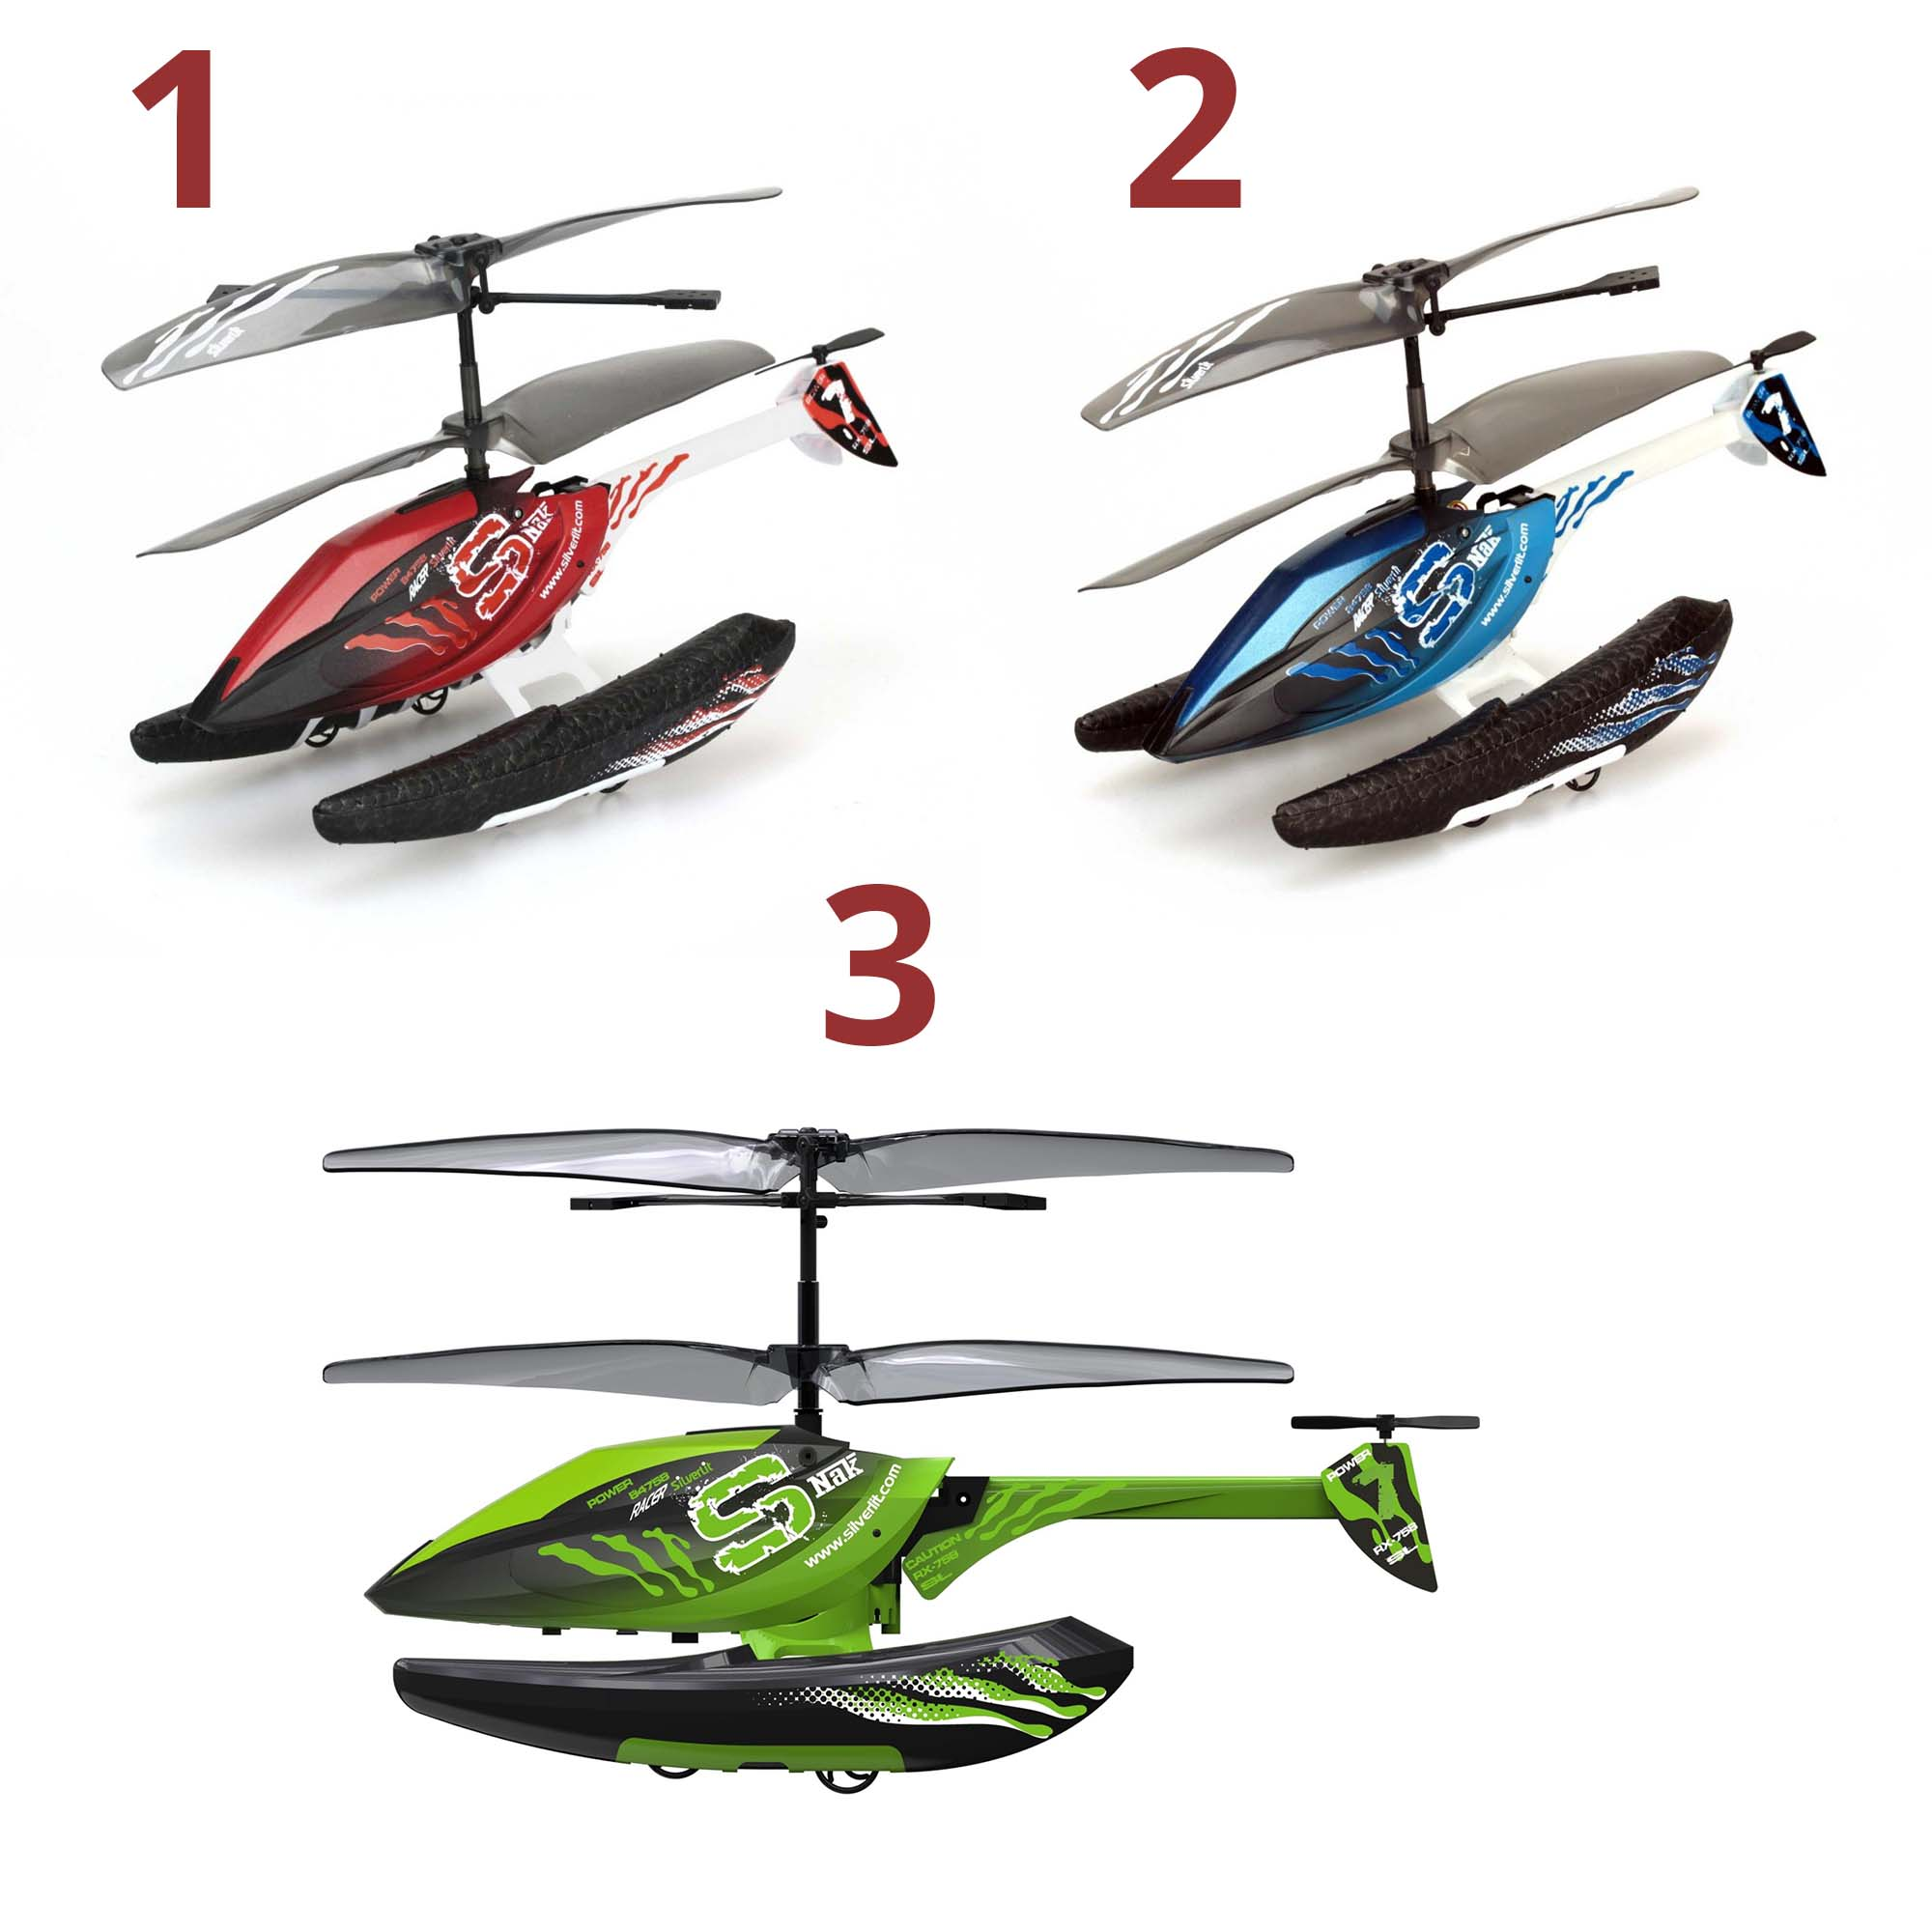 Вертолет 3-х канальный Silverlit Гидрокоптер